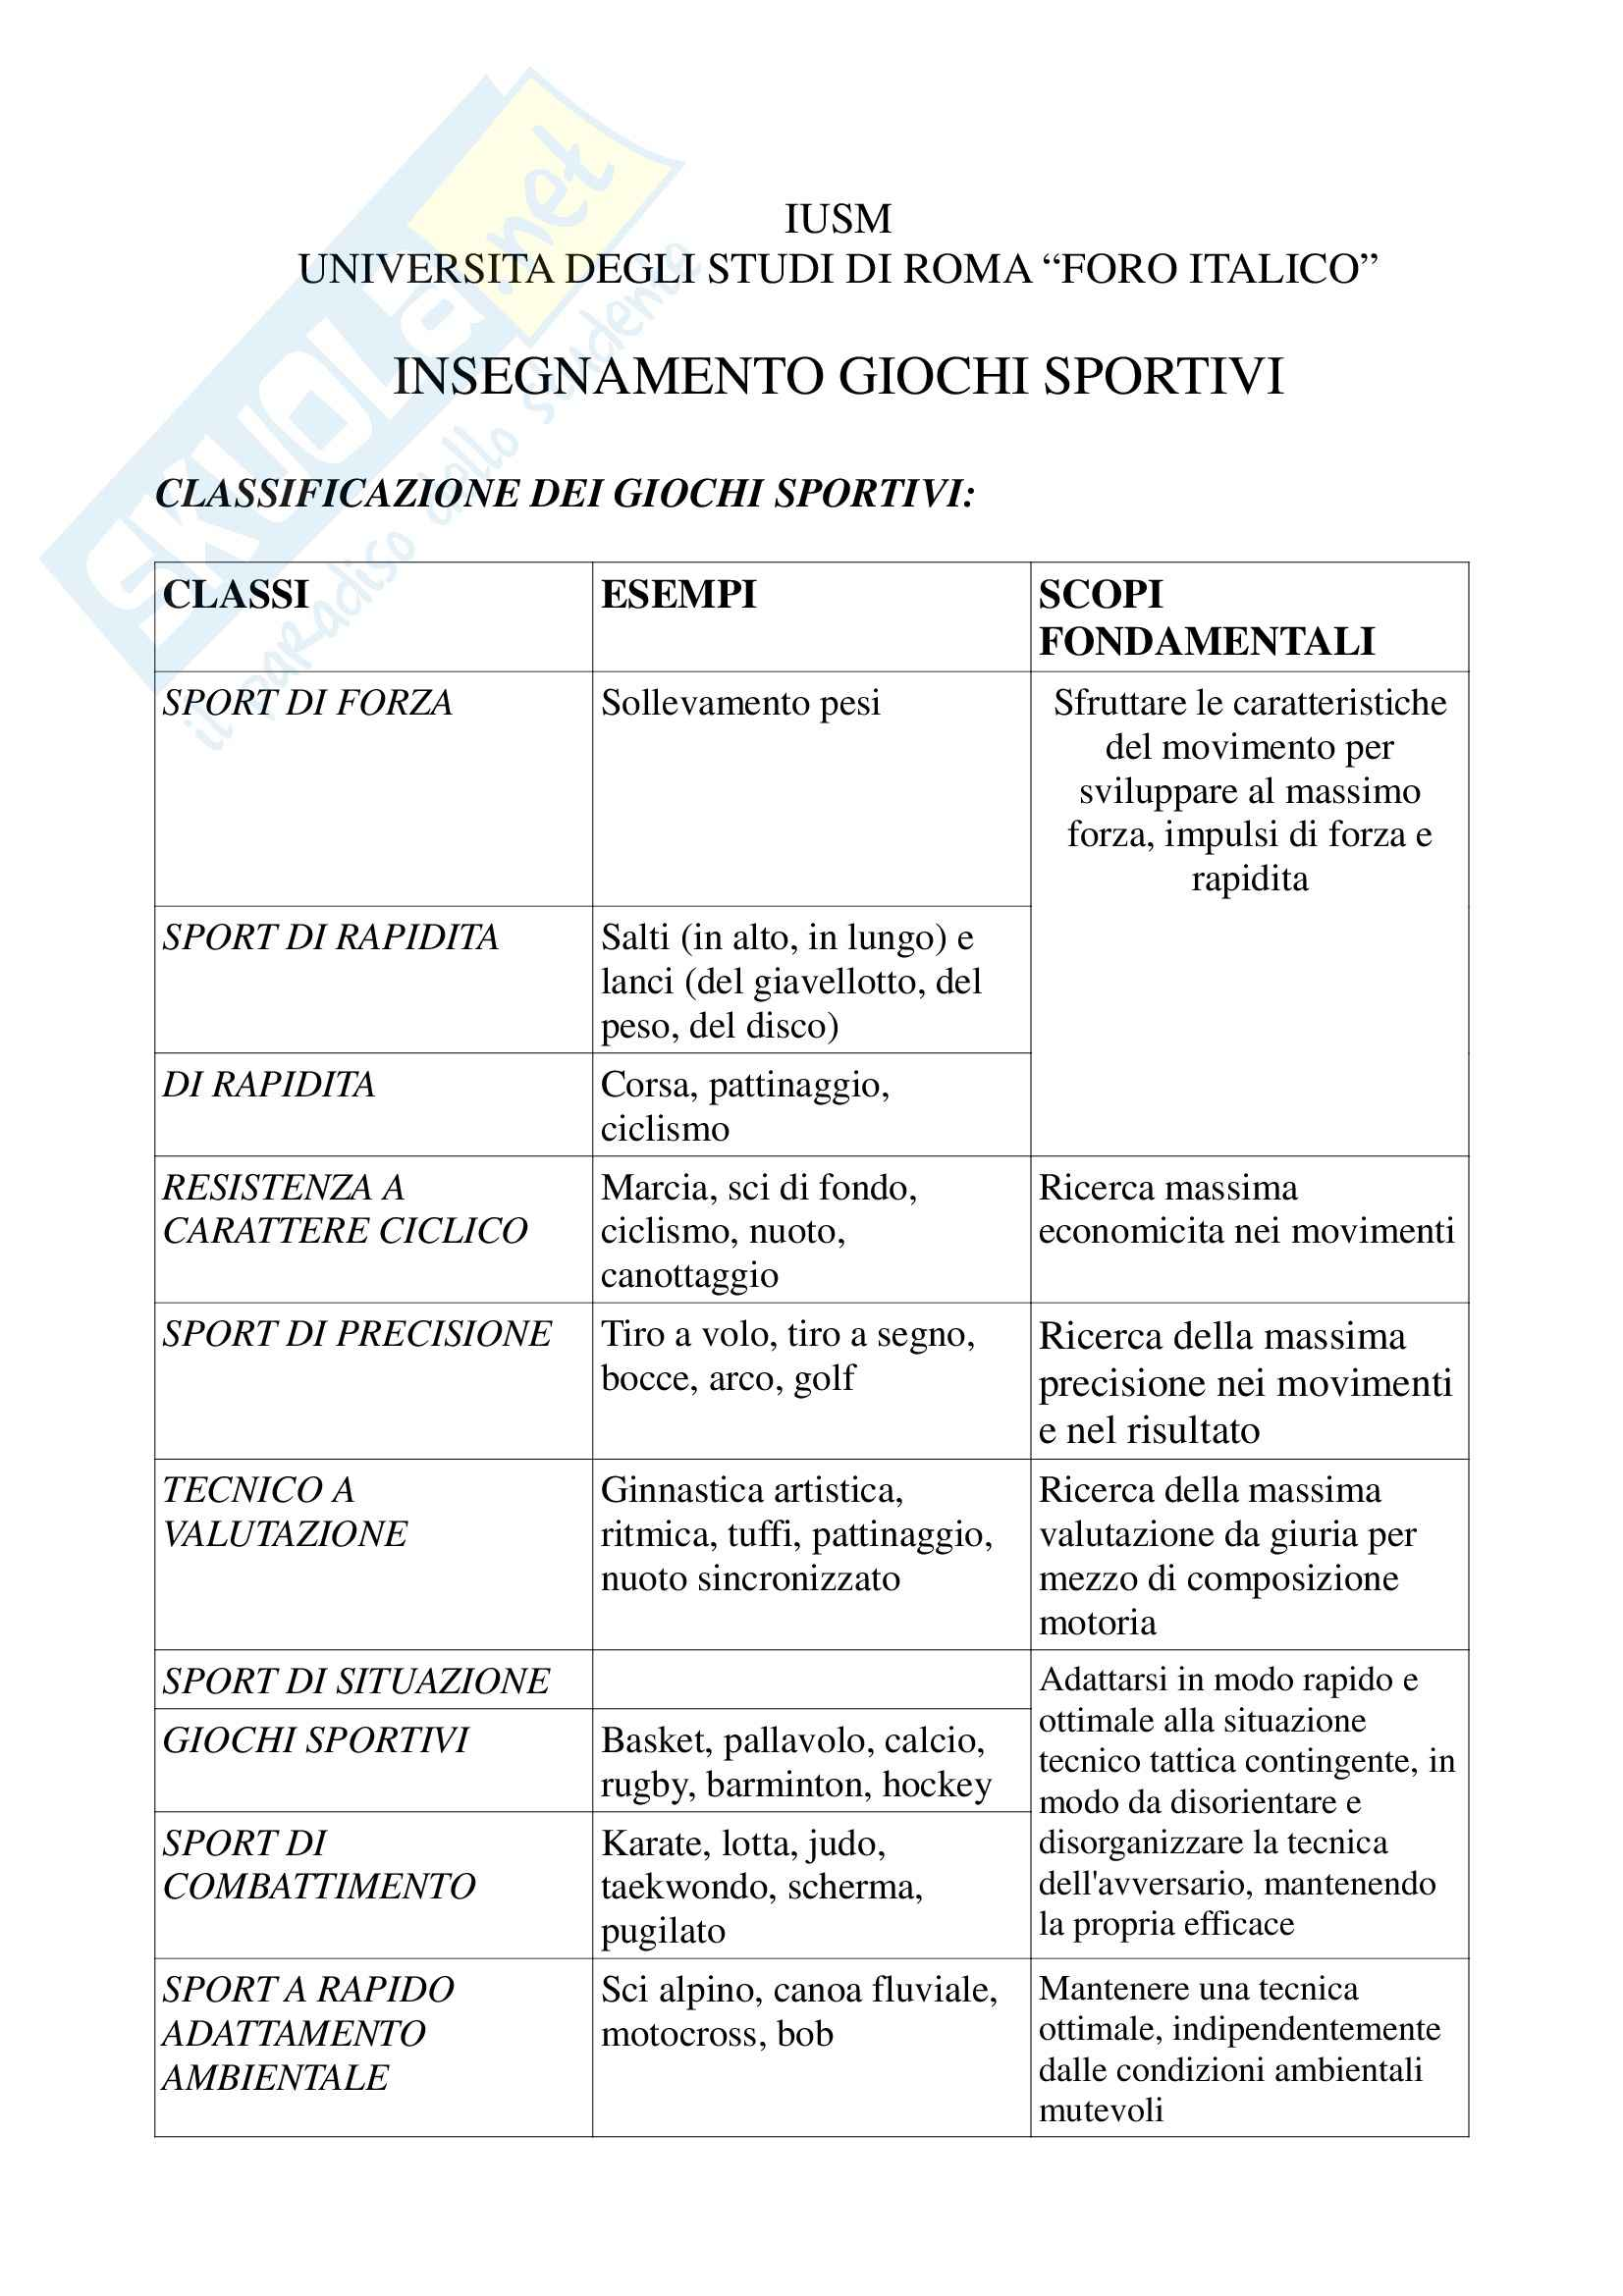 Giochi sportivi - classificazione degli sport